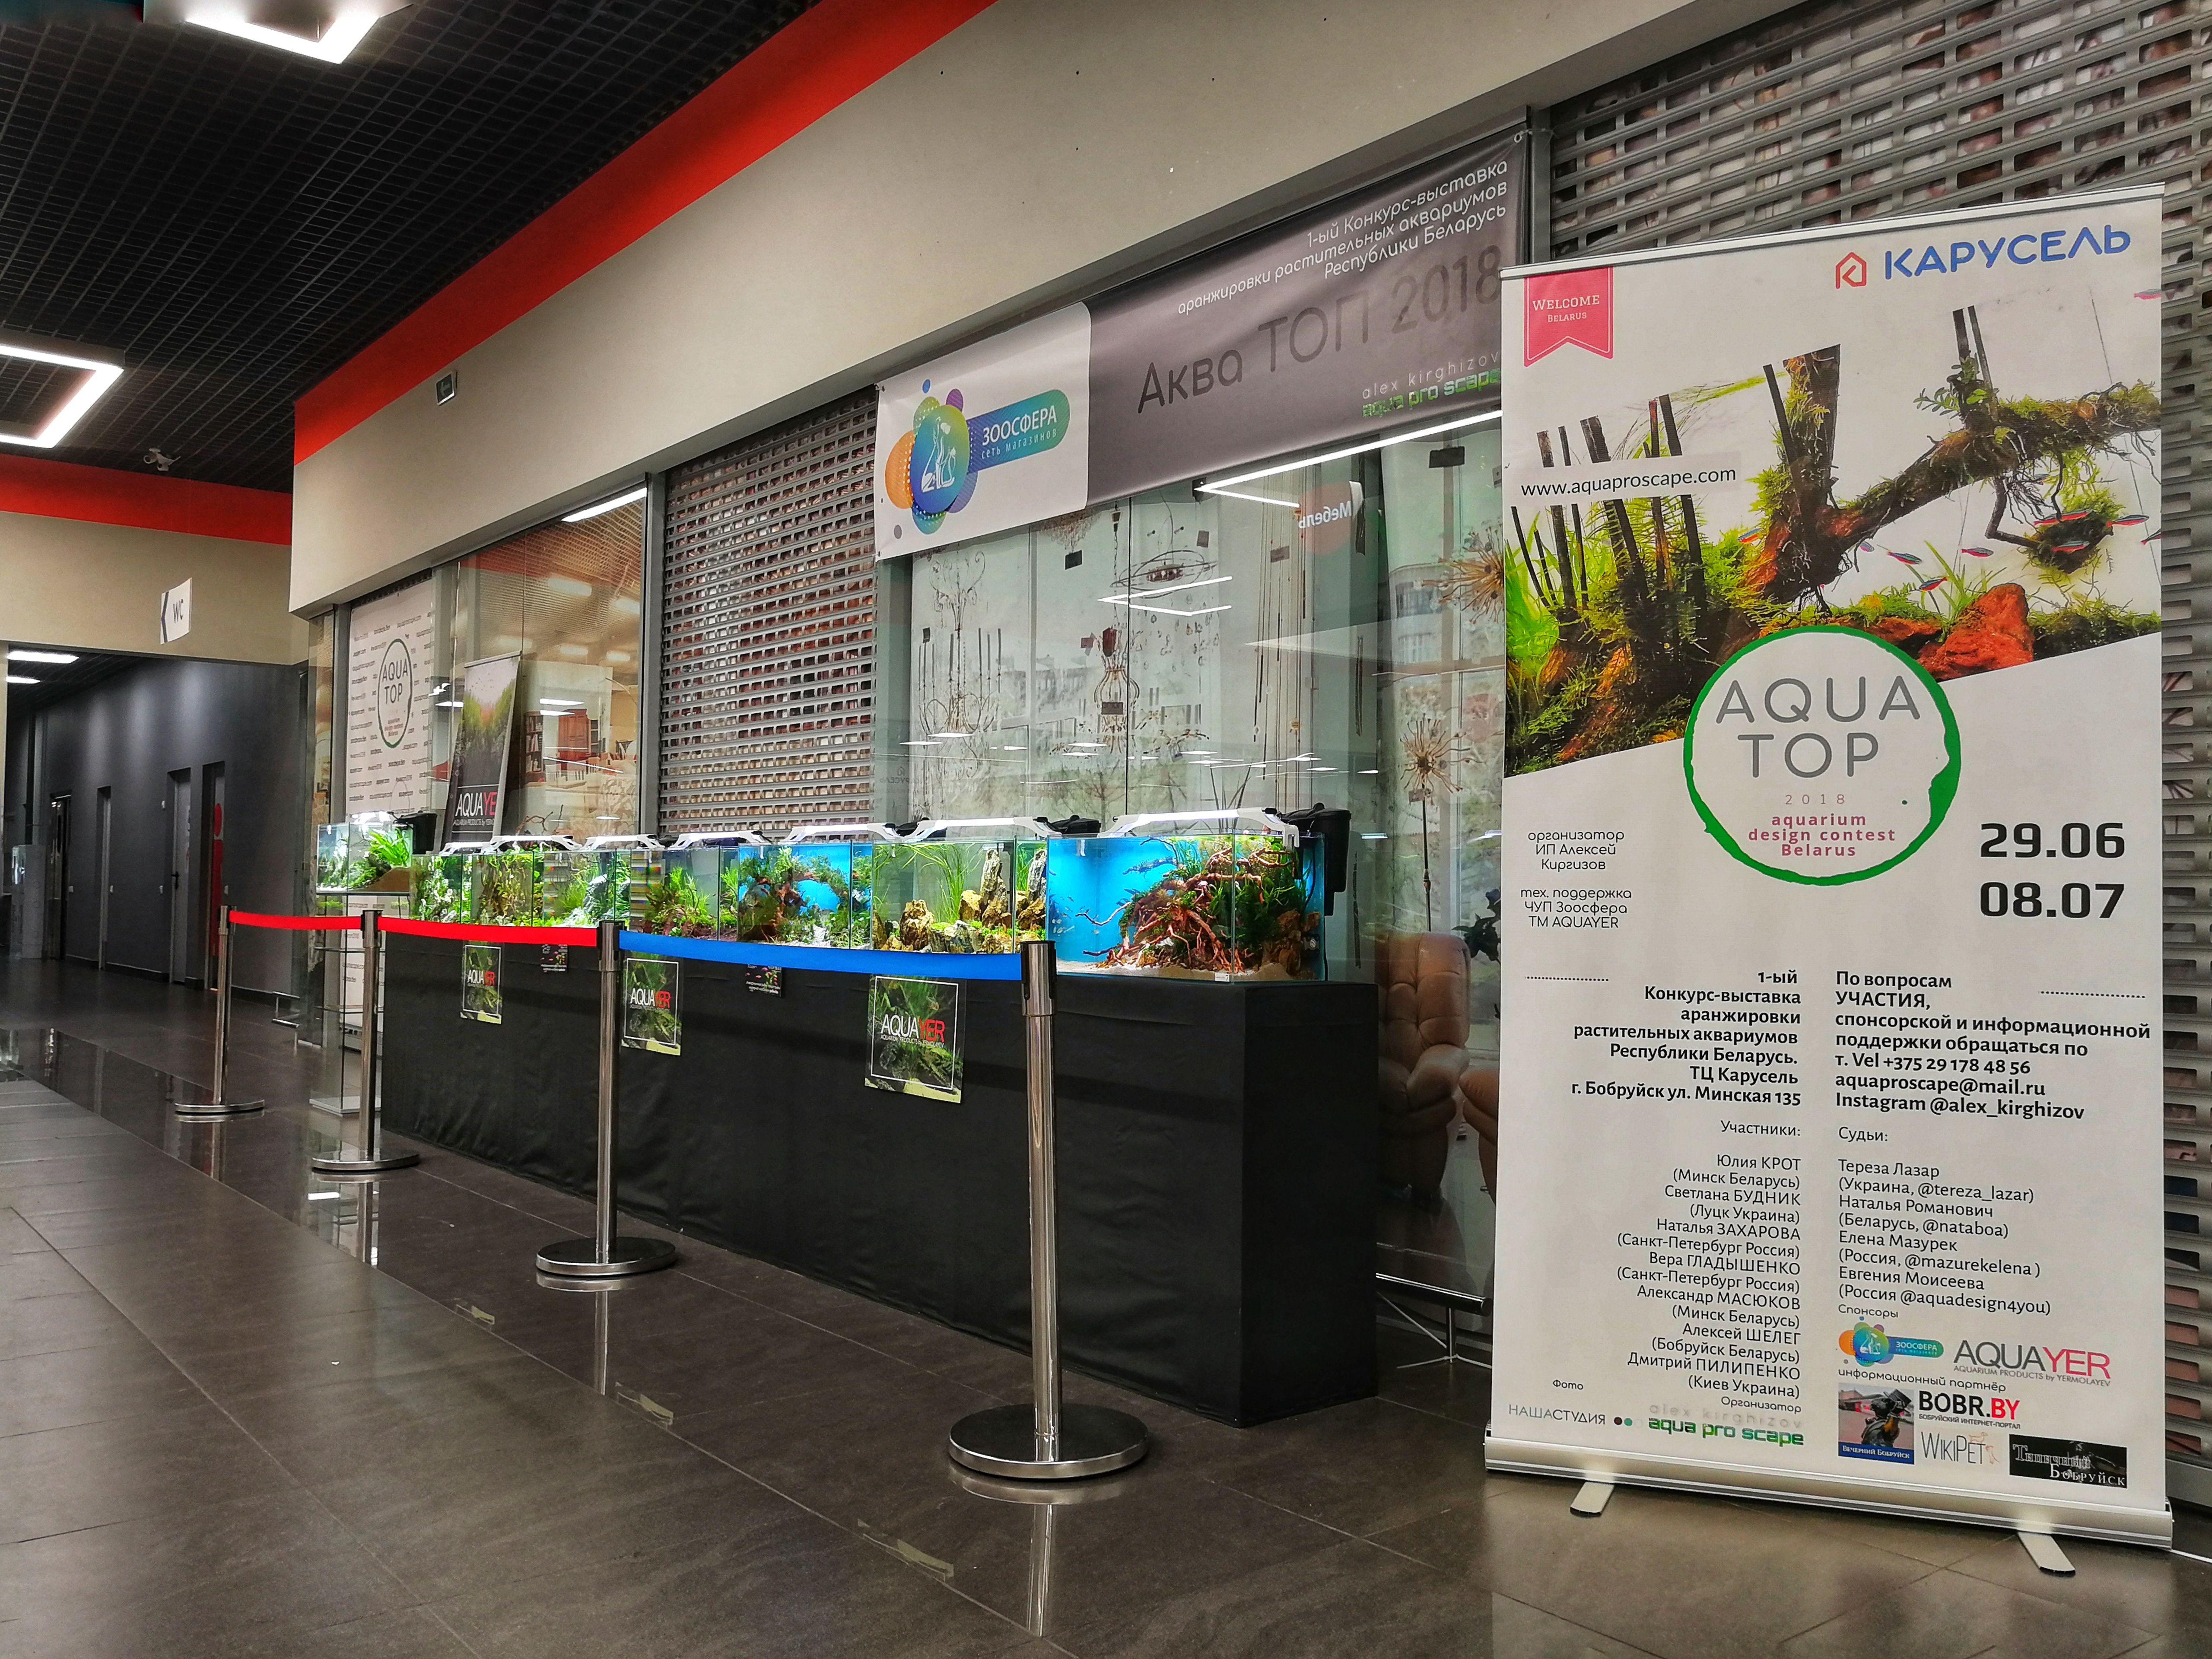 конкурс аранжировки растительных аквариумов Беларуси Аква ТОП 2018